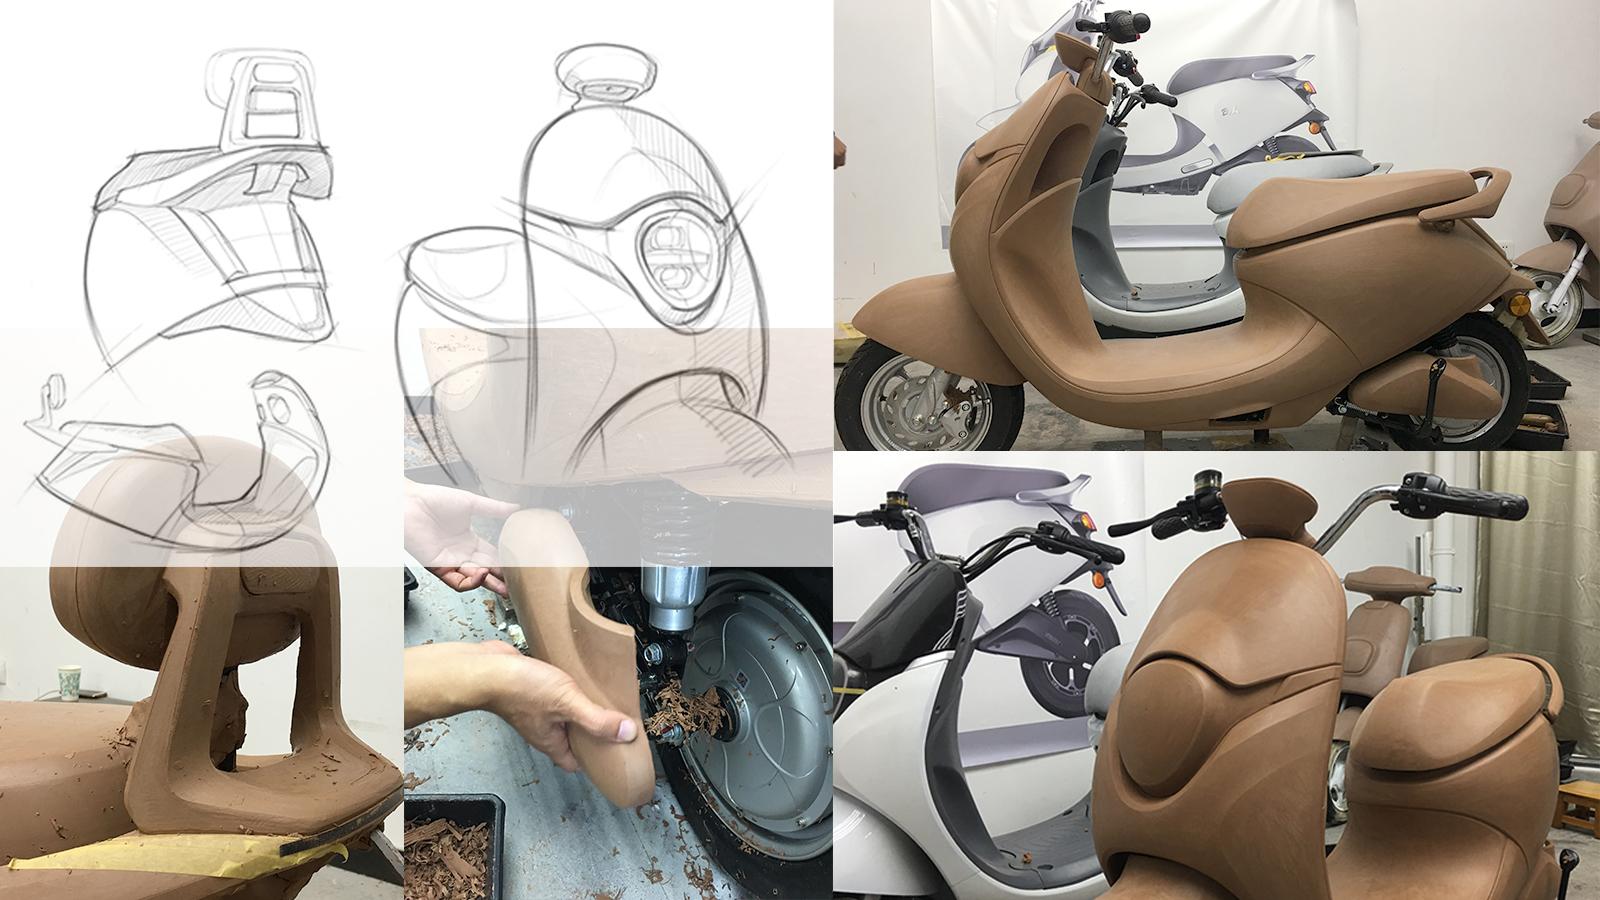 电动车油泥模型制作